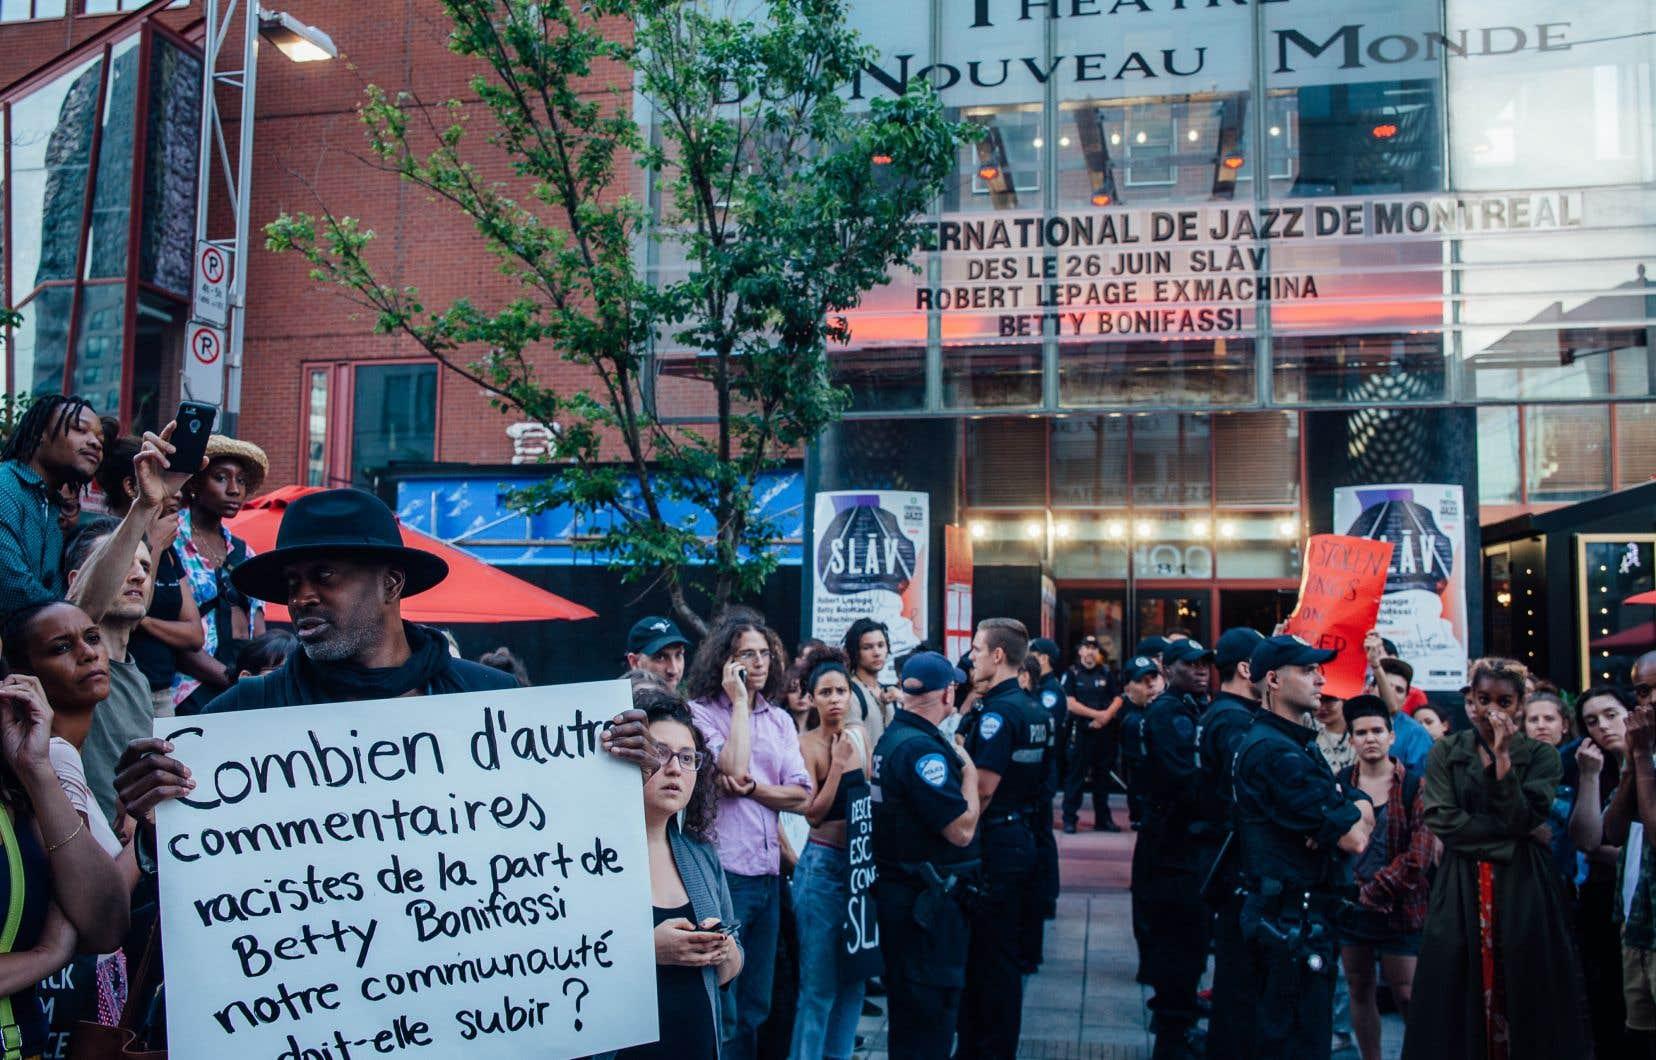 Les manifestants étaient massés sur la rue Sainte-Catherine, en face du théâtre.